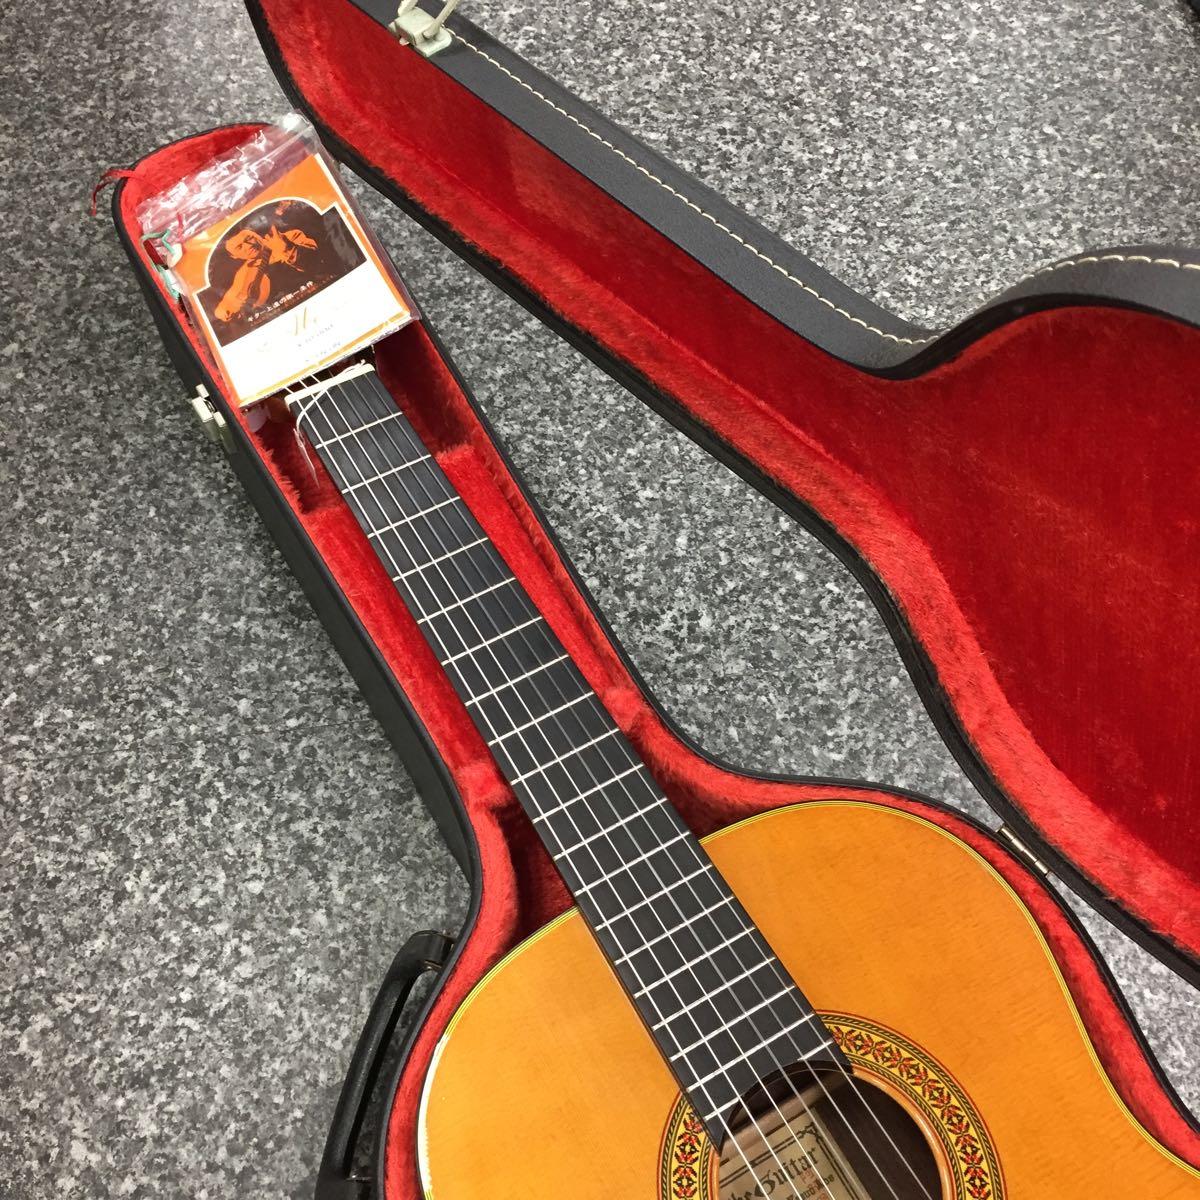 中古 Abe guitar 330 TOP単板 美品 日本製 630mmスケール 調整済 ハードケース付 _画像7